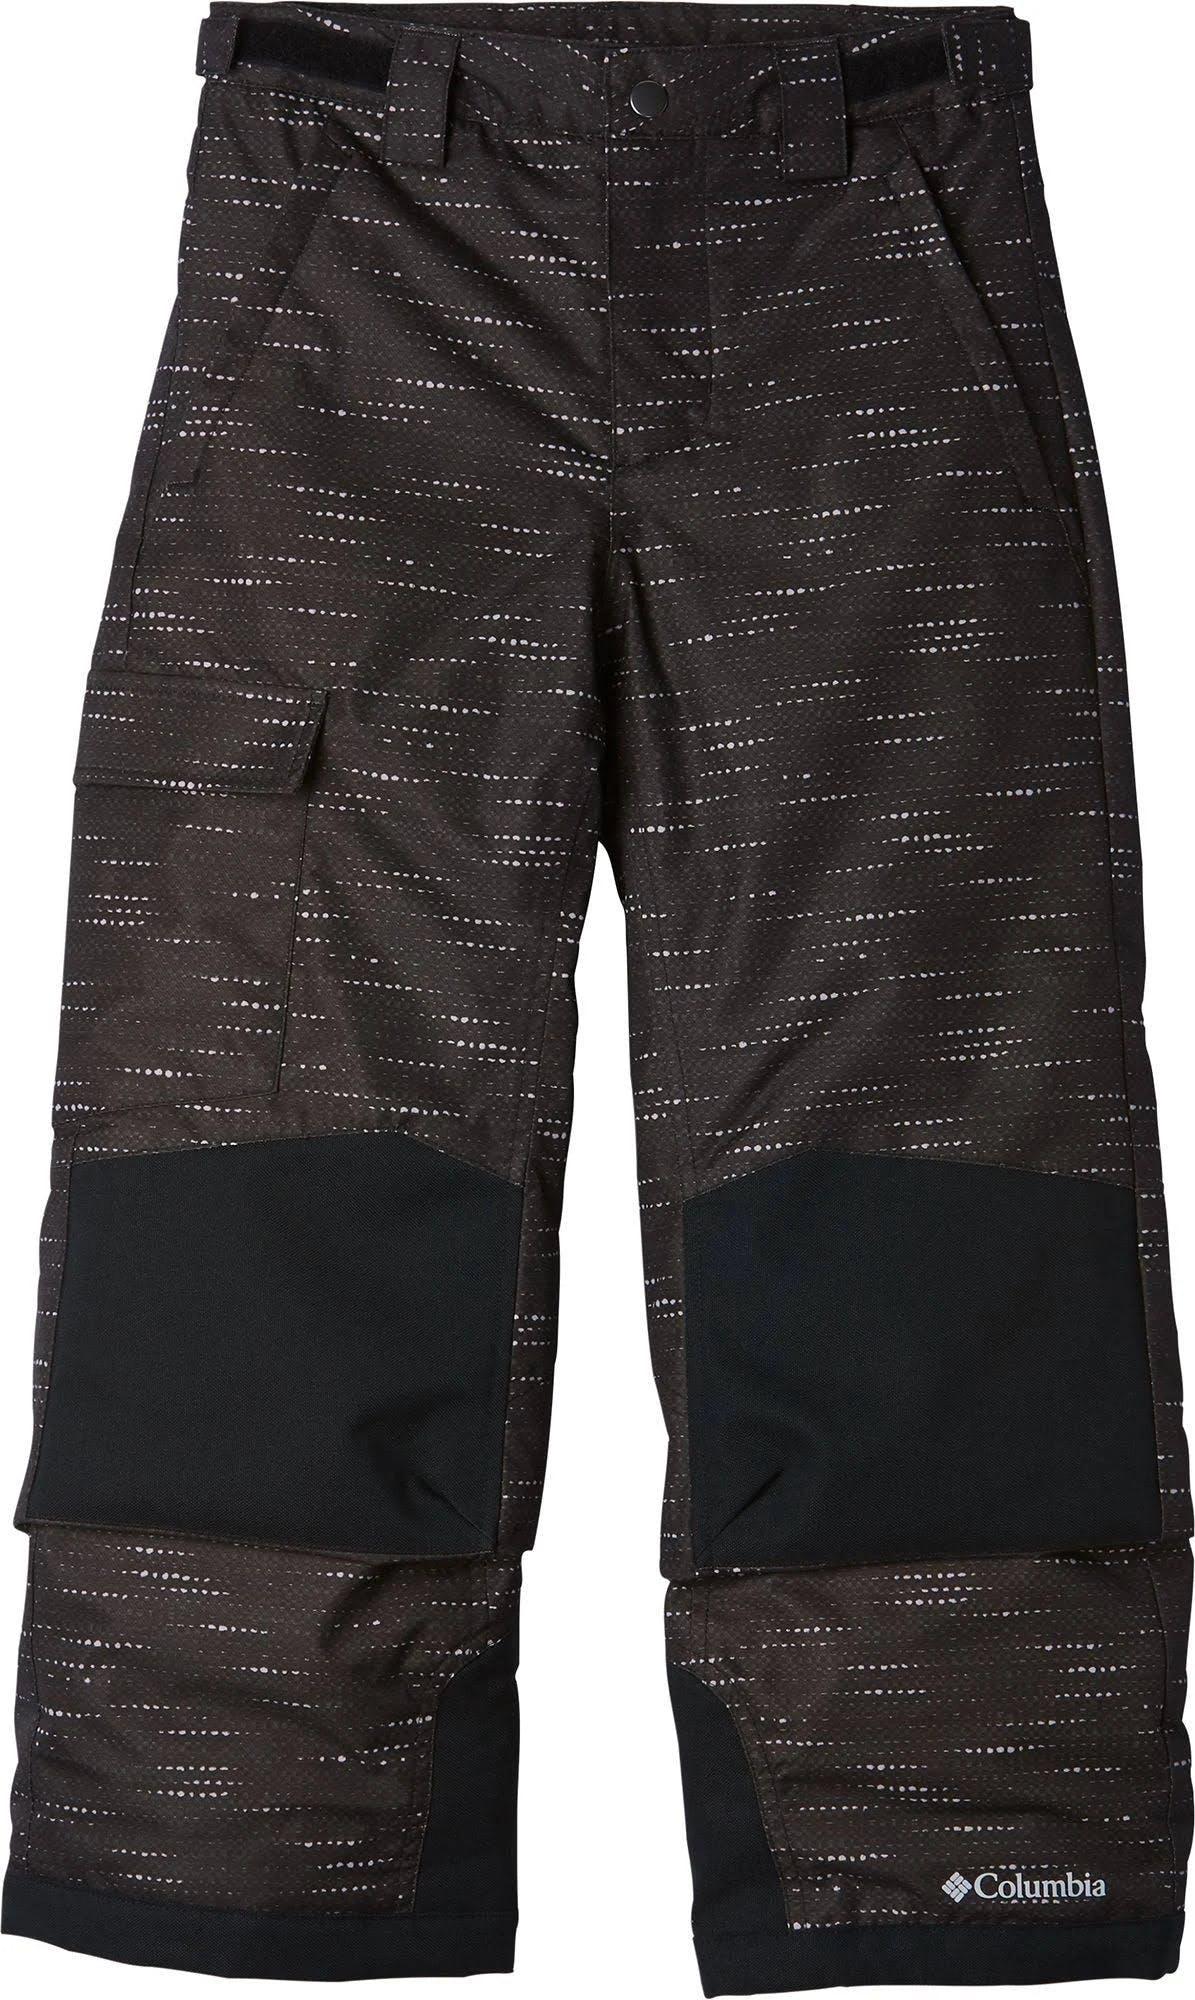 Columbia Bugaboo II Pant XL Black